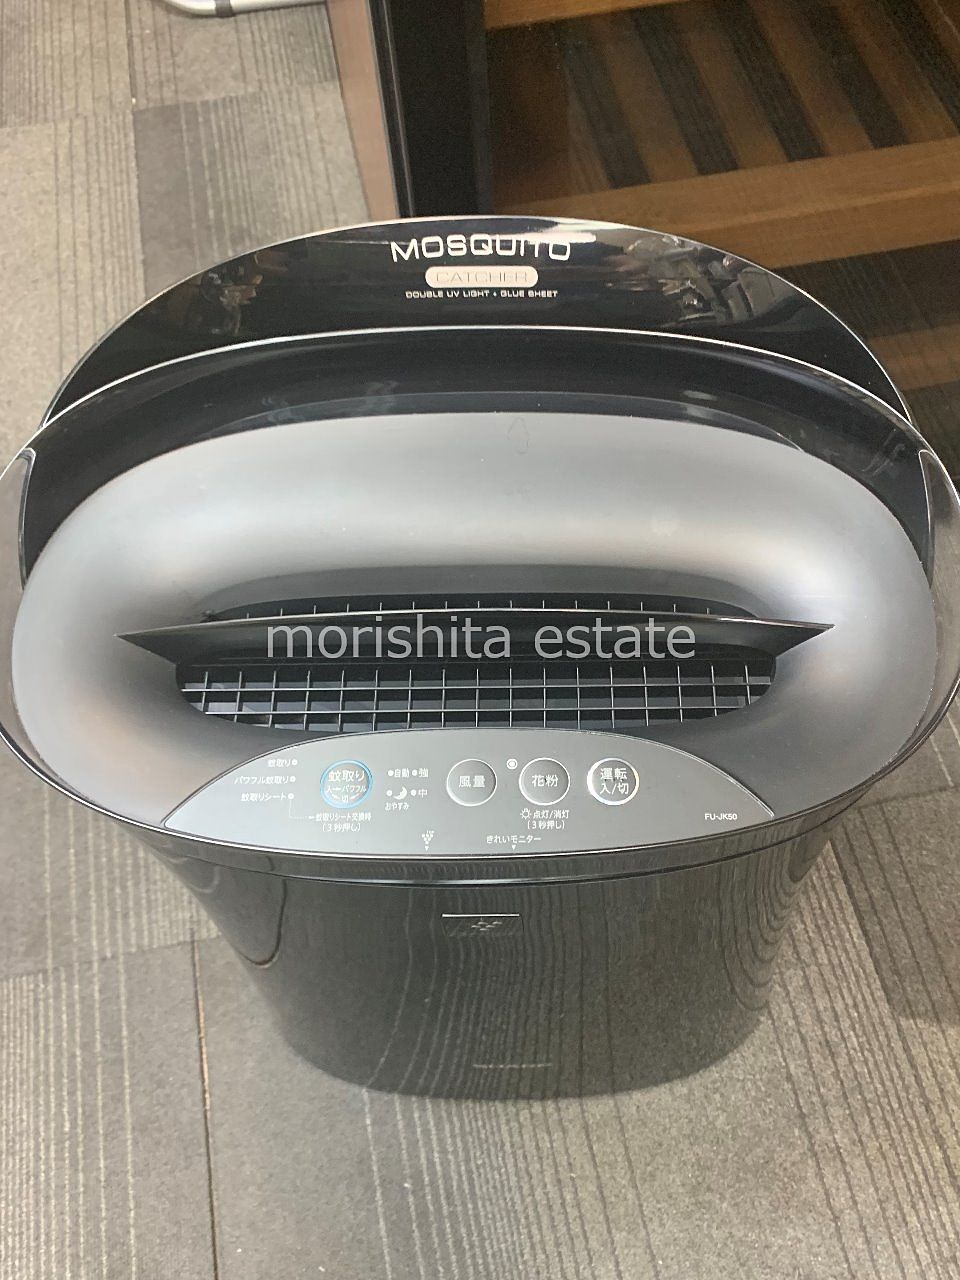 蚊シャープ 空気清浄機 プラズマクラスター 取り機能 写真